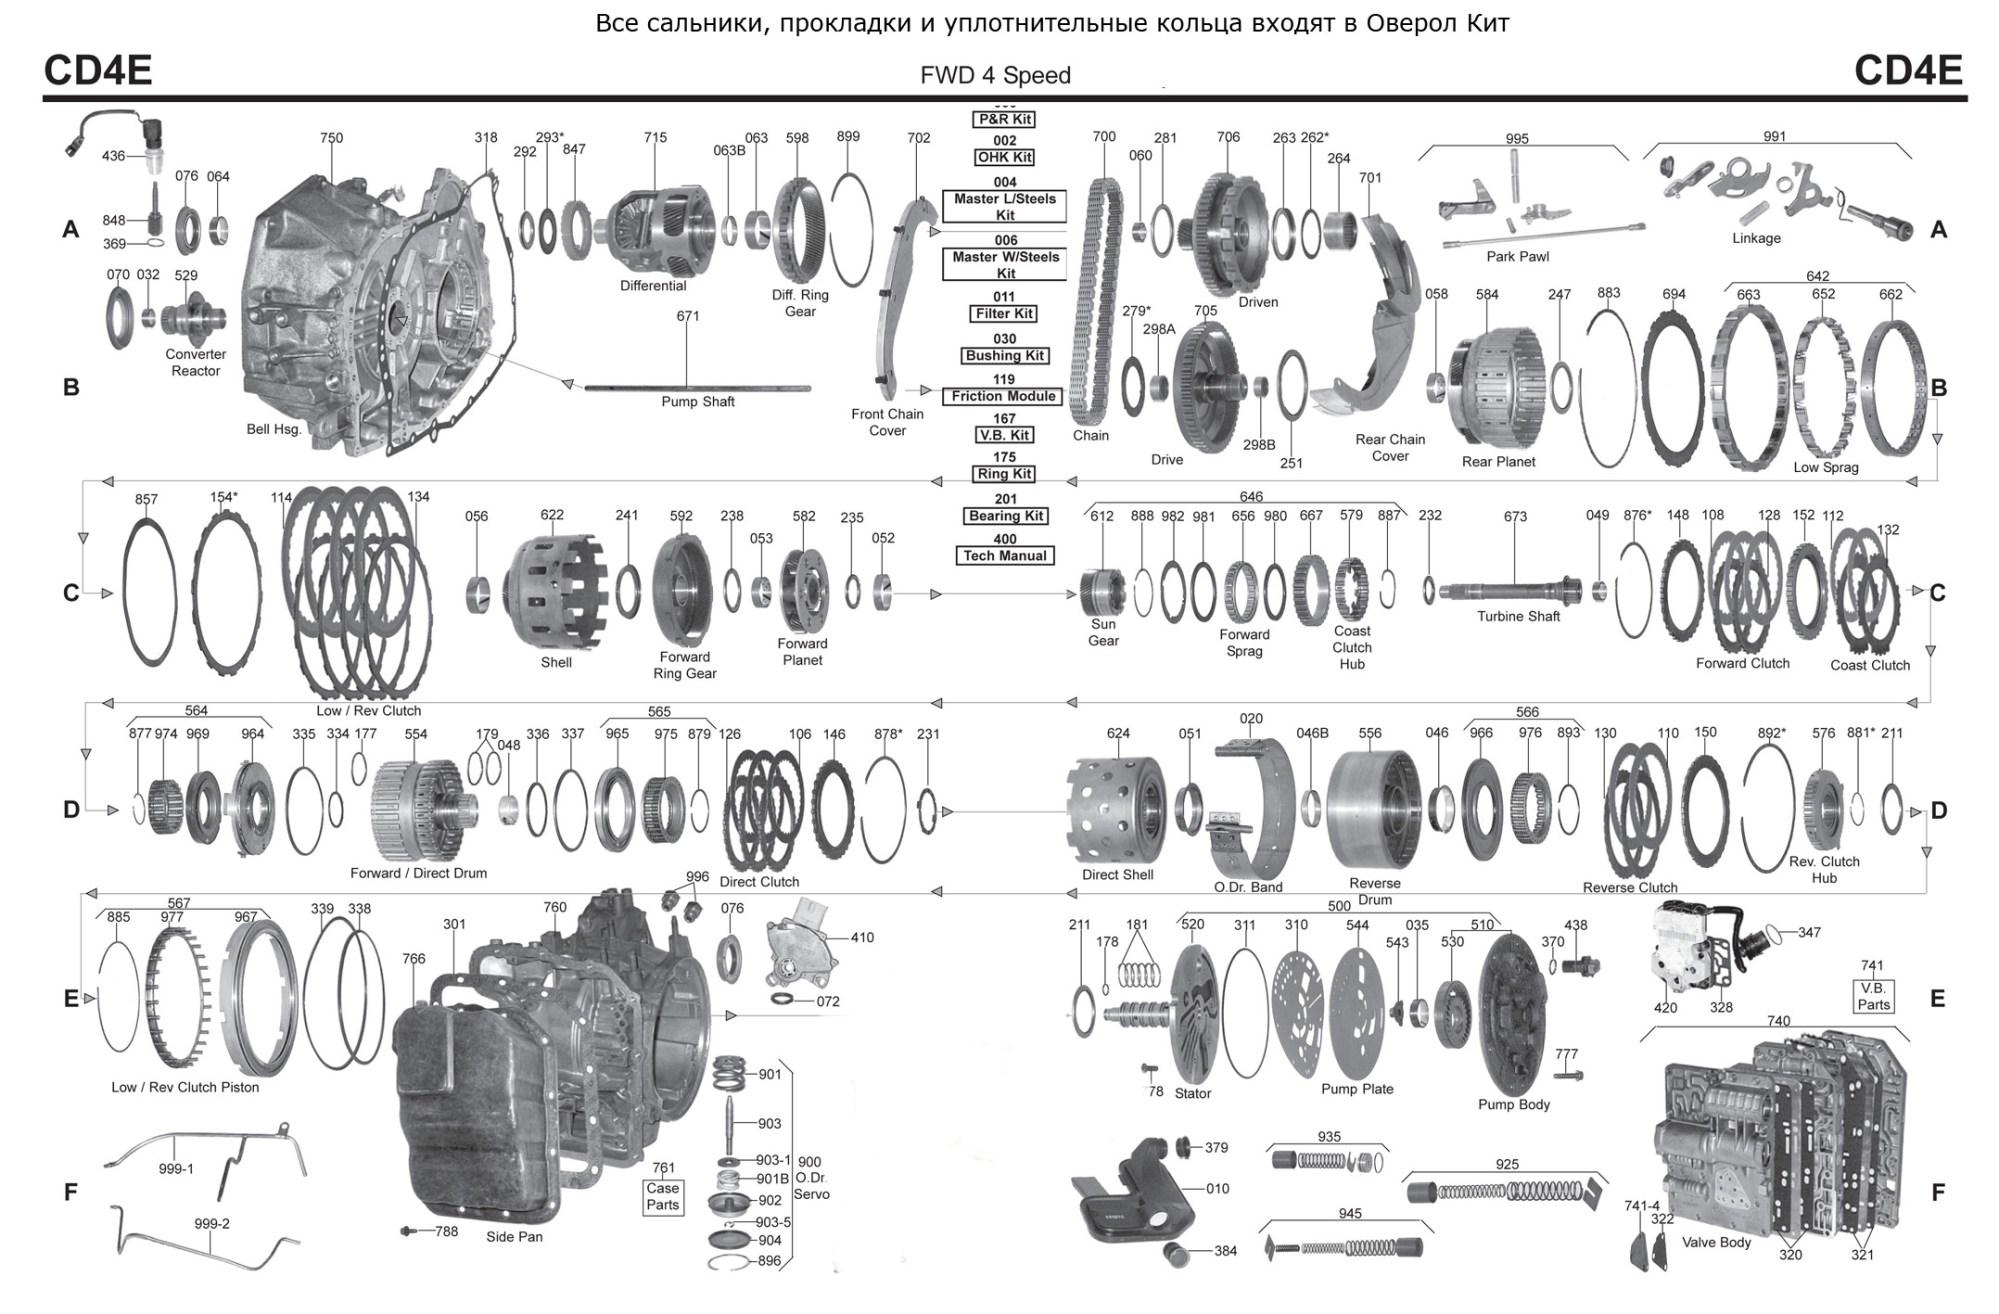 hight resolution of transmission repair manuals cd4e la4a el instructions for rebuildcd4e diagram 2